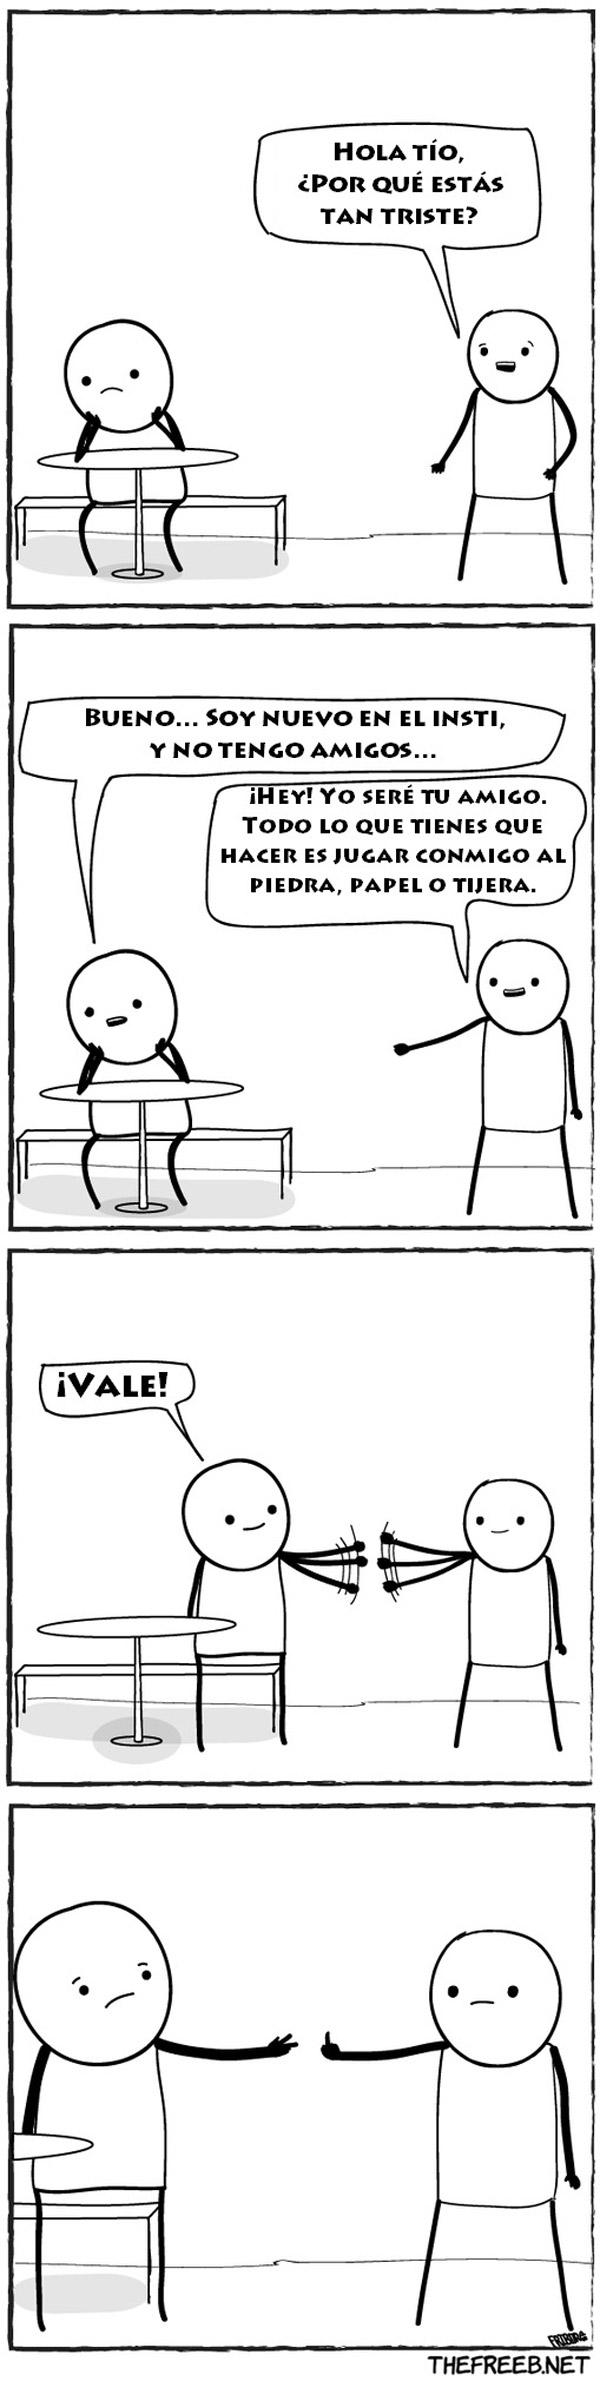 Nuevo En El Insti Y Sin Amigos Memes Funny Memes Hilarious